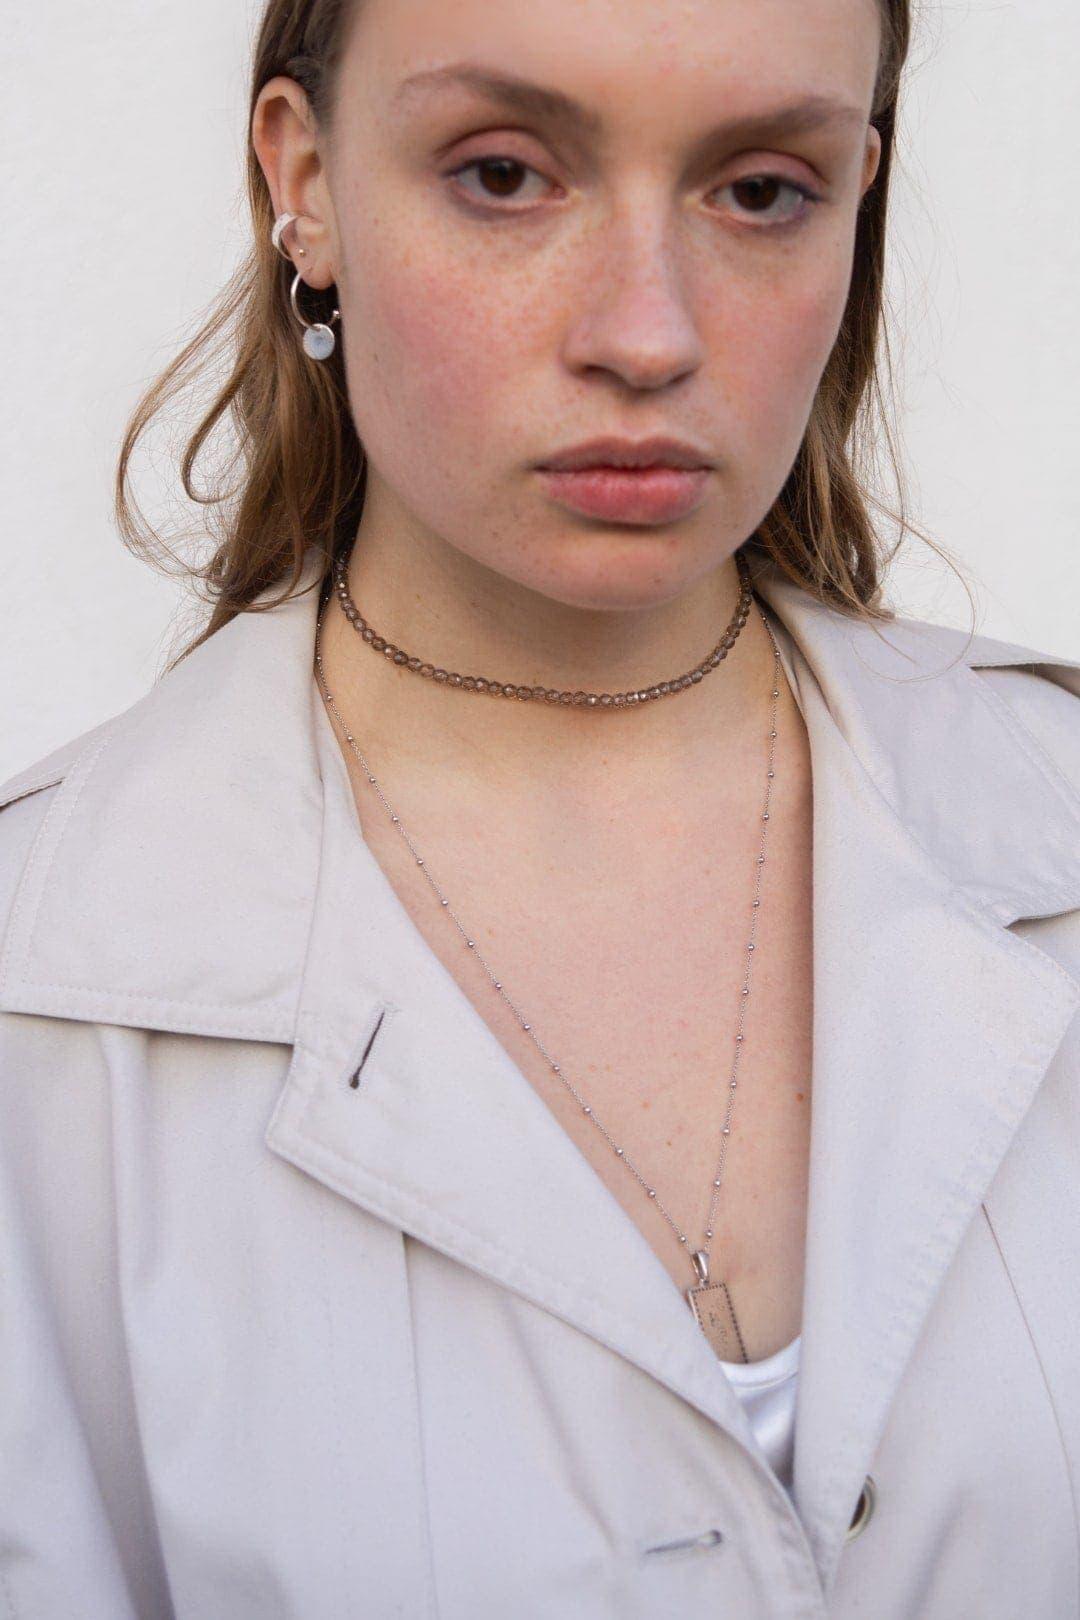 Modelka prezzentuje na sobie brązowy choker i naszyjnik z blaszką grawerem.